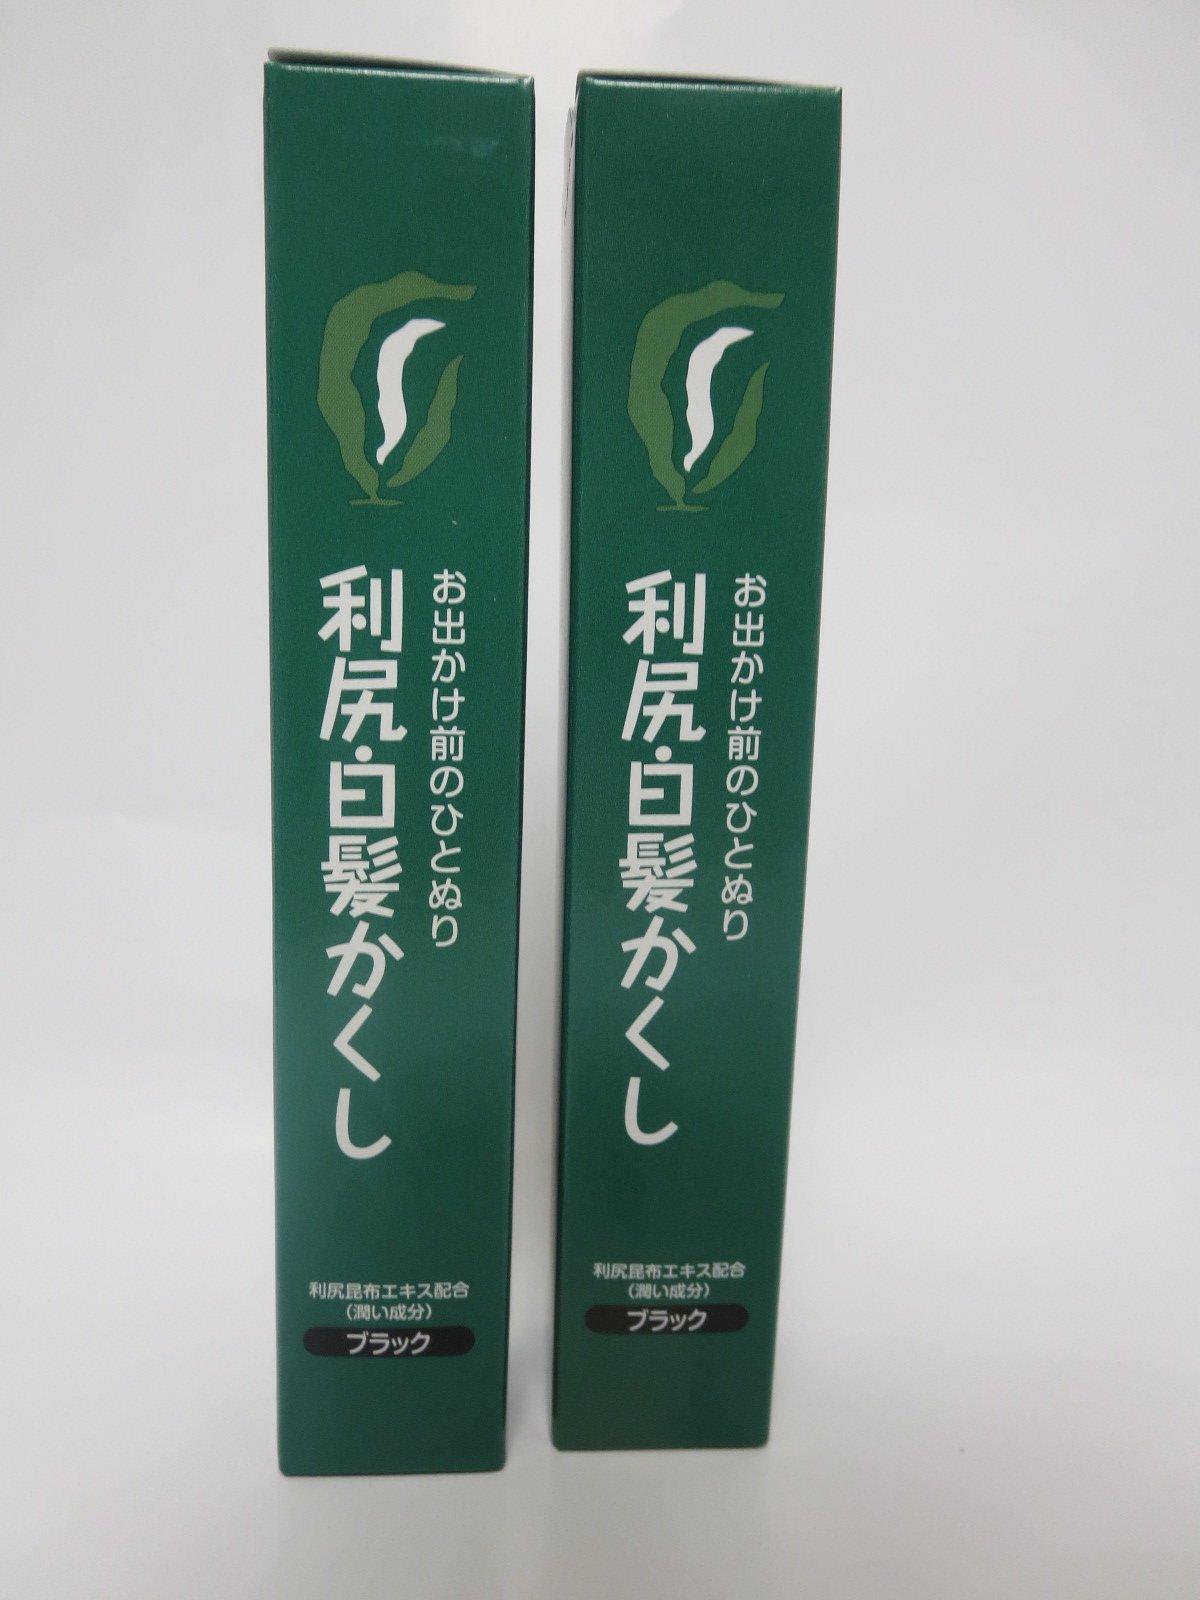 Rishiri Hair coloring sticks 2 set black by Rishiri